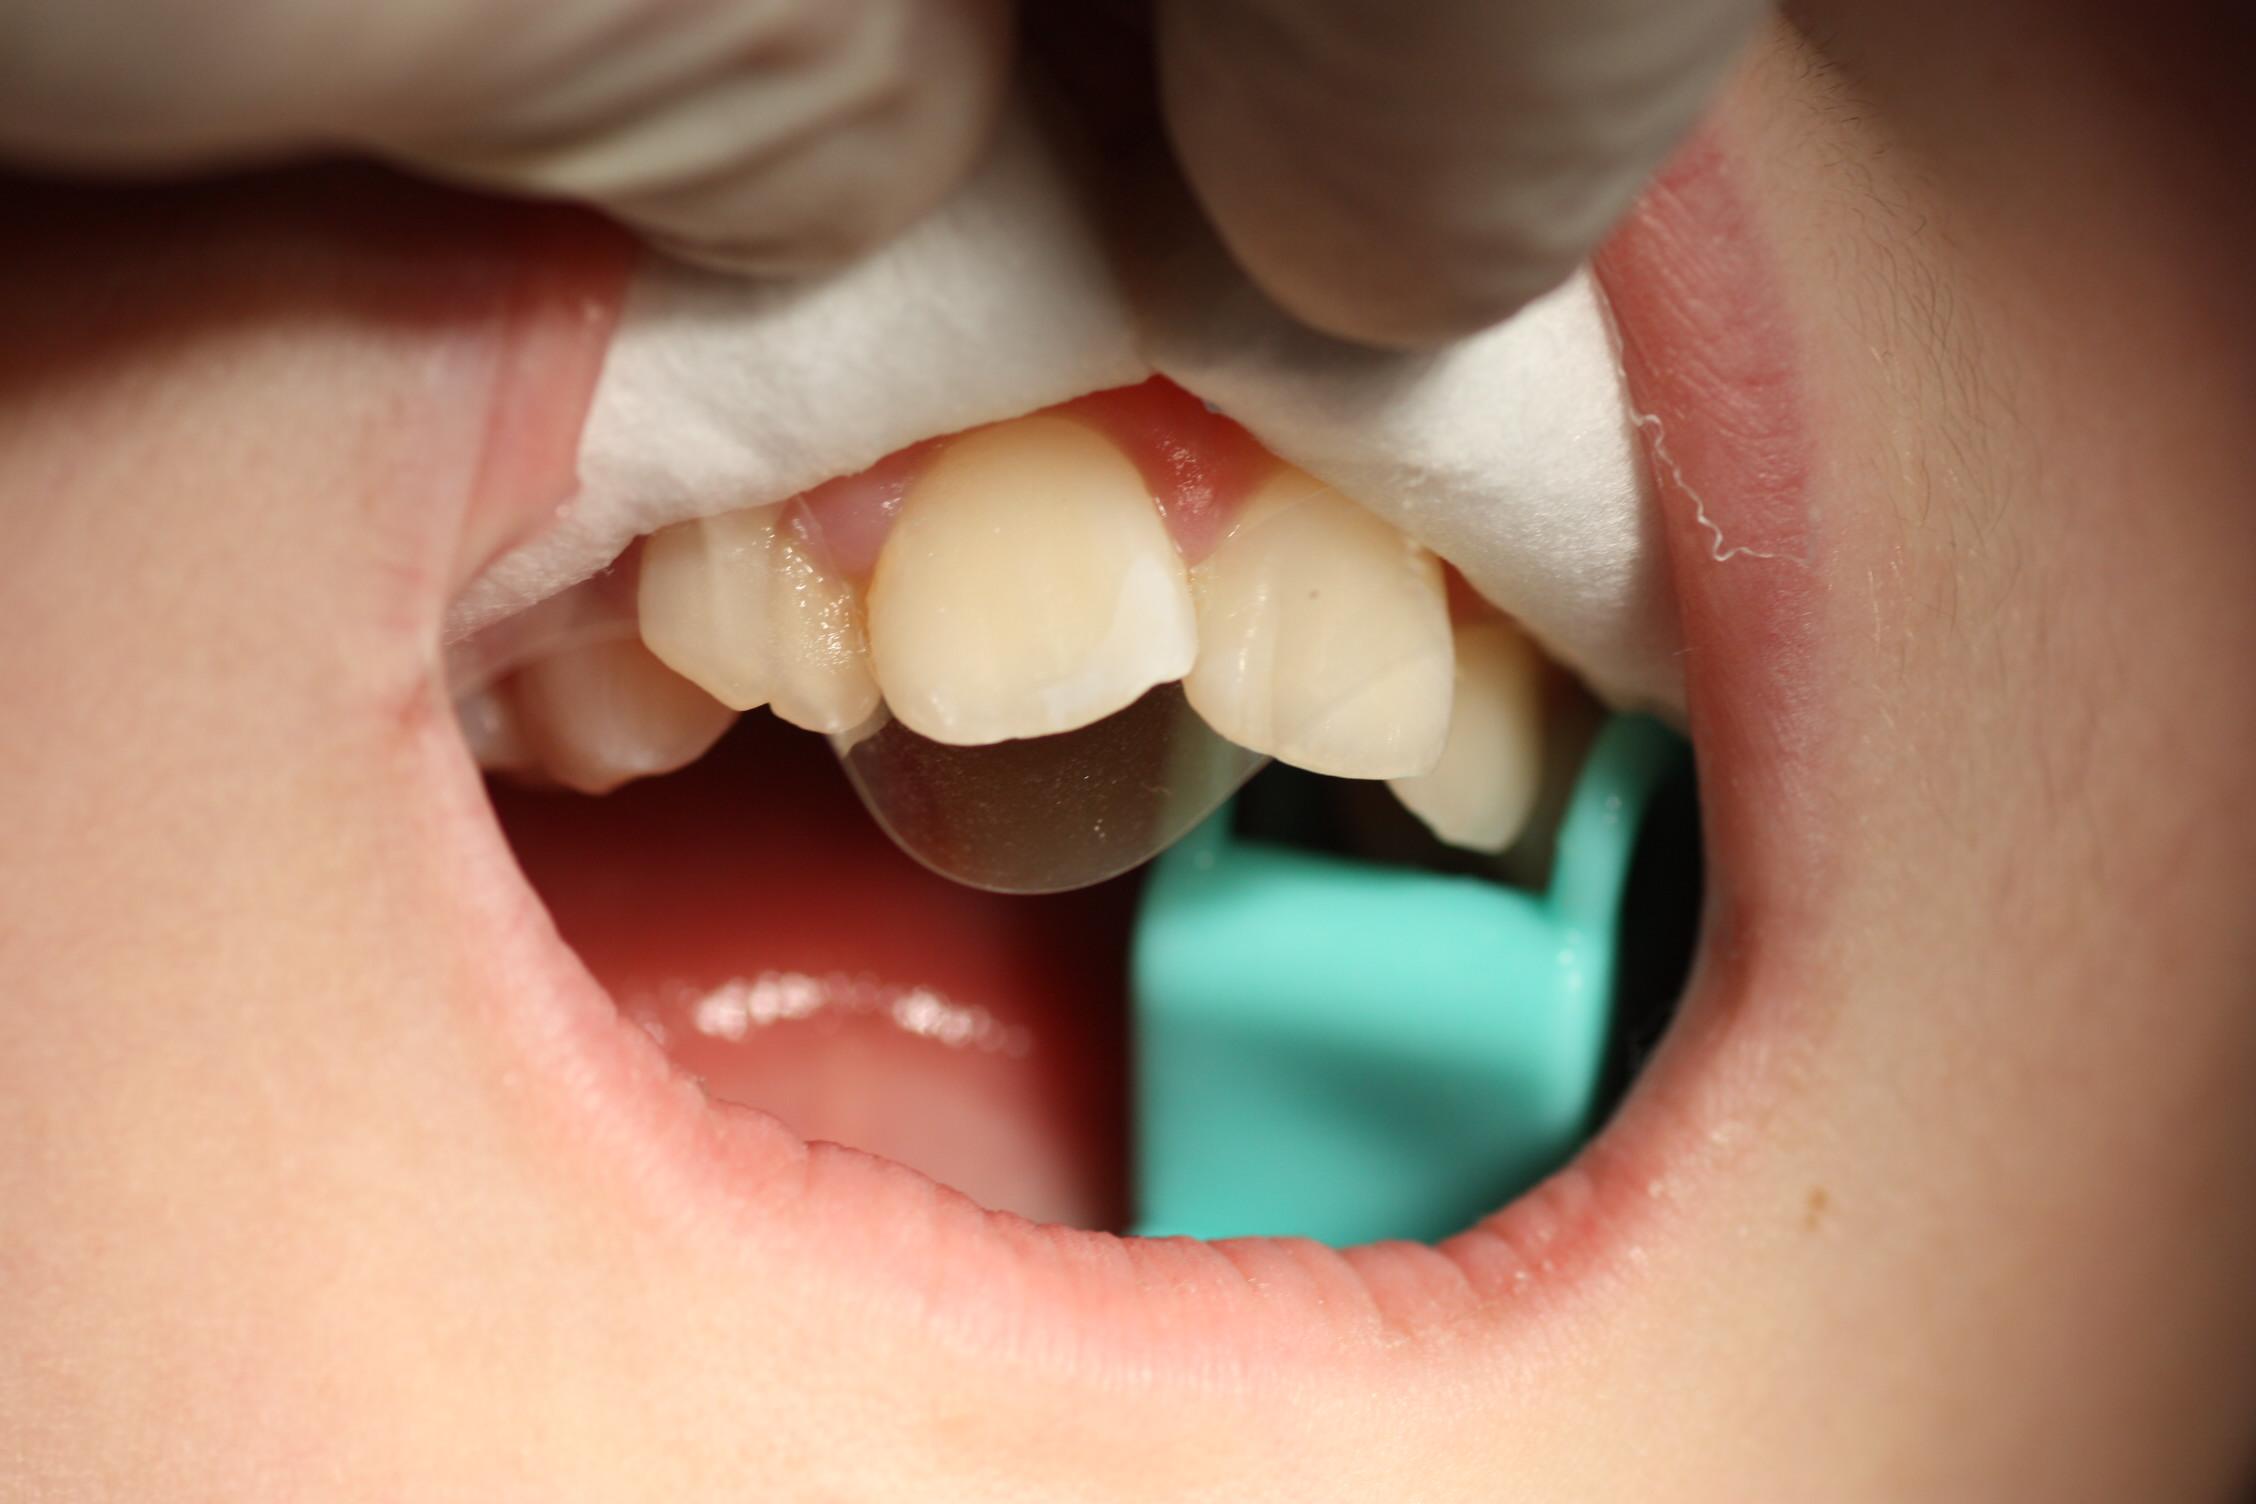 Después del grabado, la superficie tratada adquiere un aspecto de 'tiza', indicativo de que el diente está preparado para continuar, por lo que colocamos una pequeña 'matriz' transparente que lo separa de los dientes contiguos.